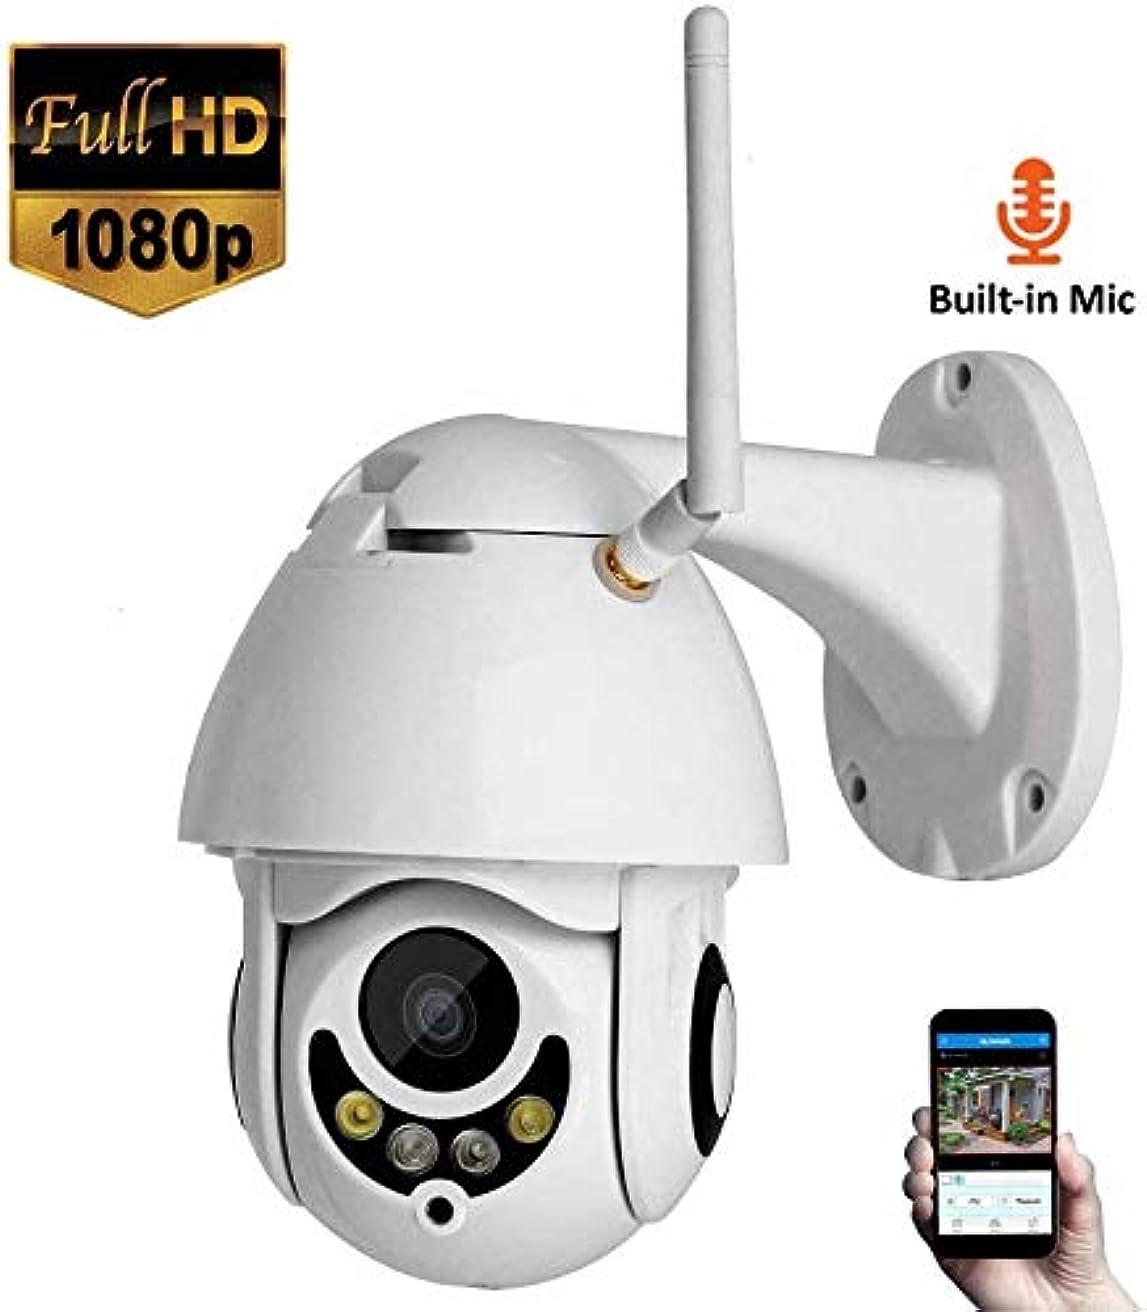 大佐道たるみL.TSA PTZ IPカメラ1080P 200万ピクセルHD Wifi屋外セキュリティ監視ナイトビジョンおよびモーション検出機能付きワイヤレスCCTV、子供/ペット/高齢者用